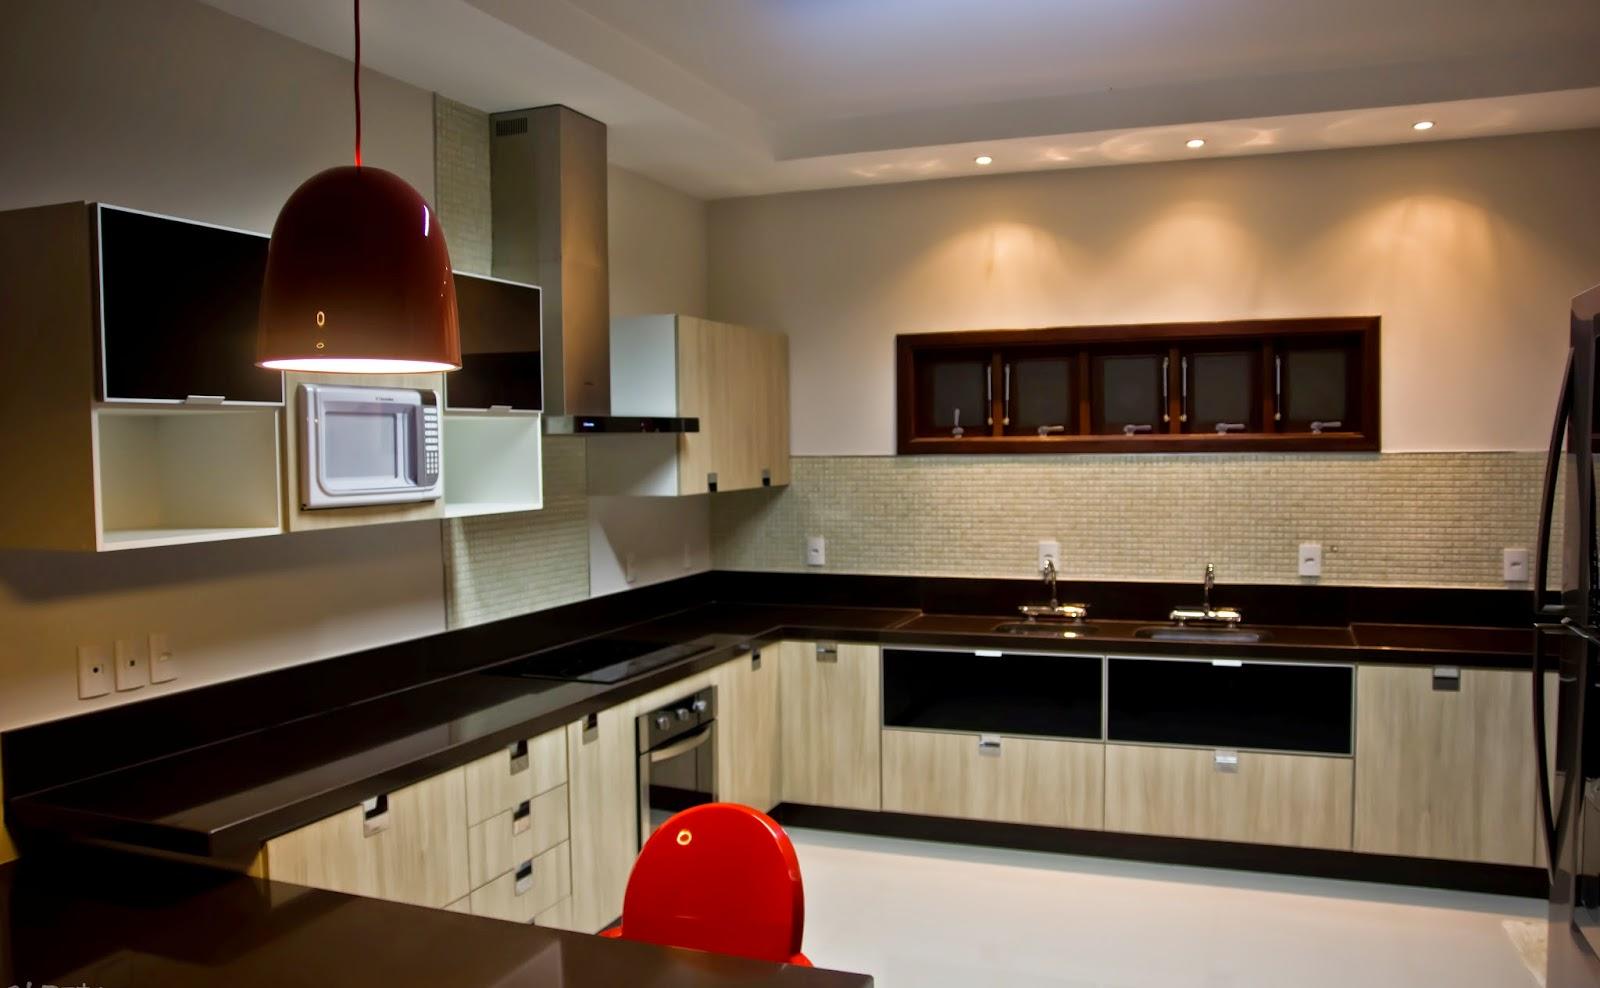 Cozinha Moderna Planejada Foto Reproduo Romero Duarte U Arquitetos